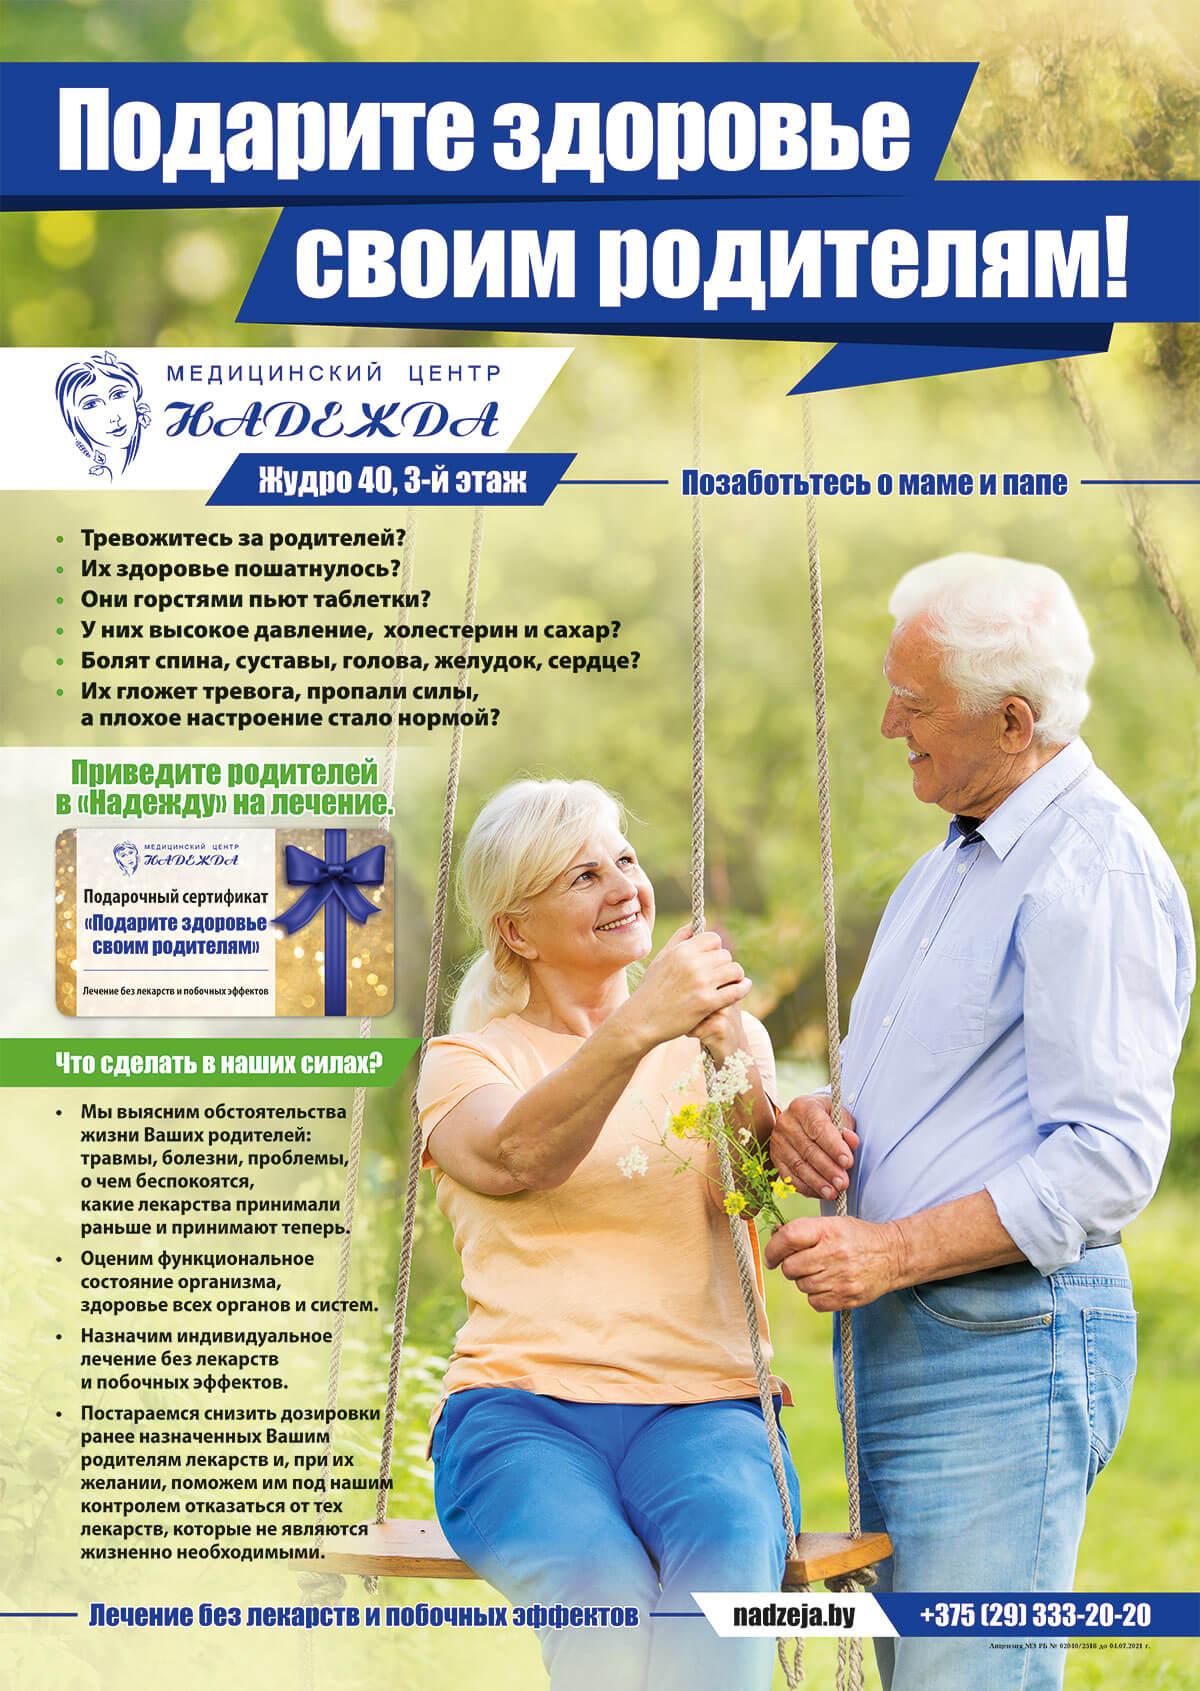 здоровье родителям